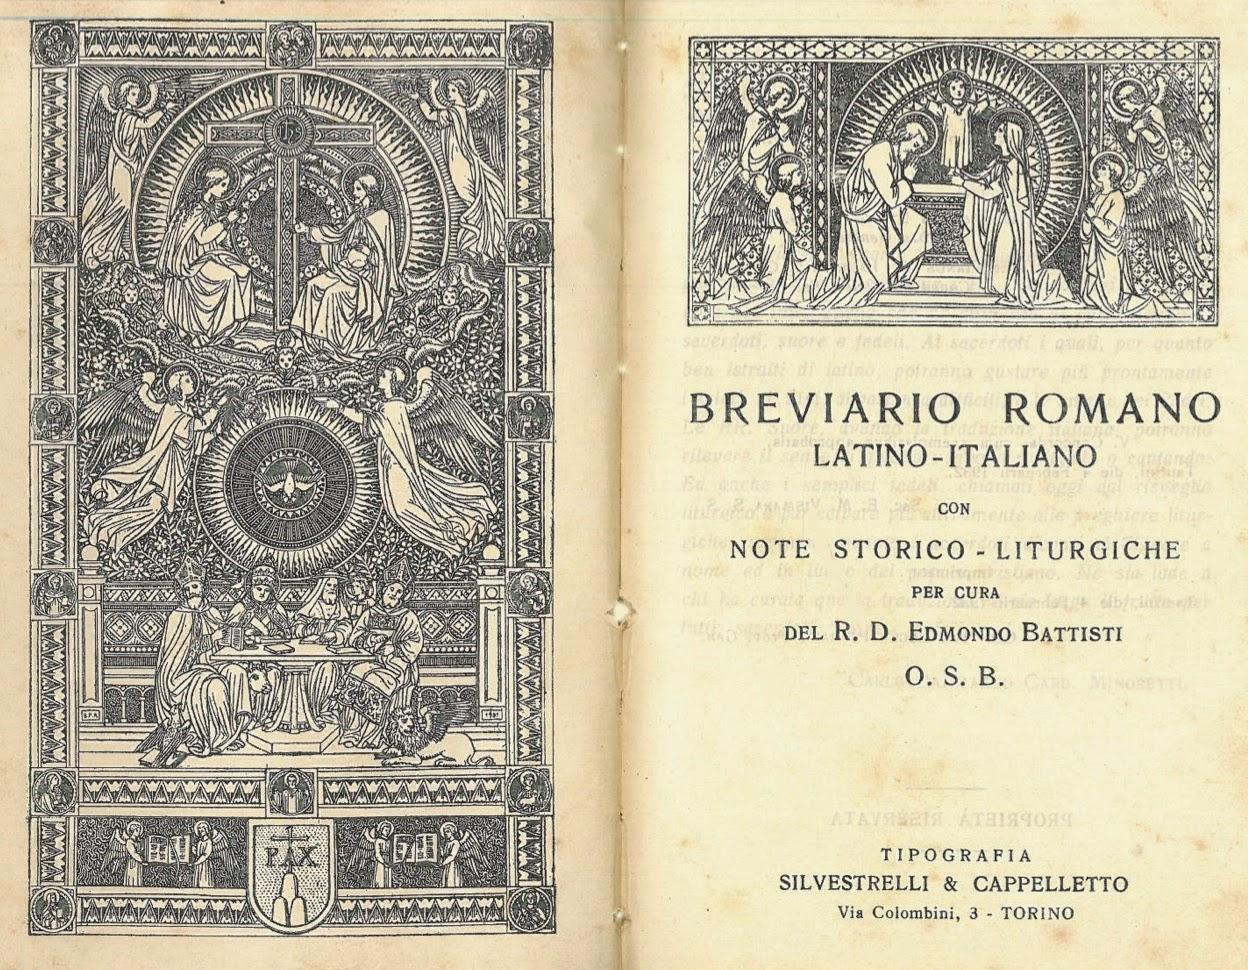 PRIMO BREVIARIO ITALIANO BILINGUE